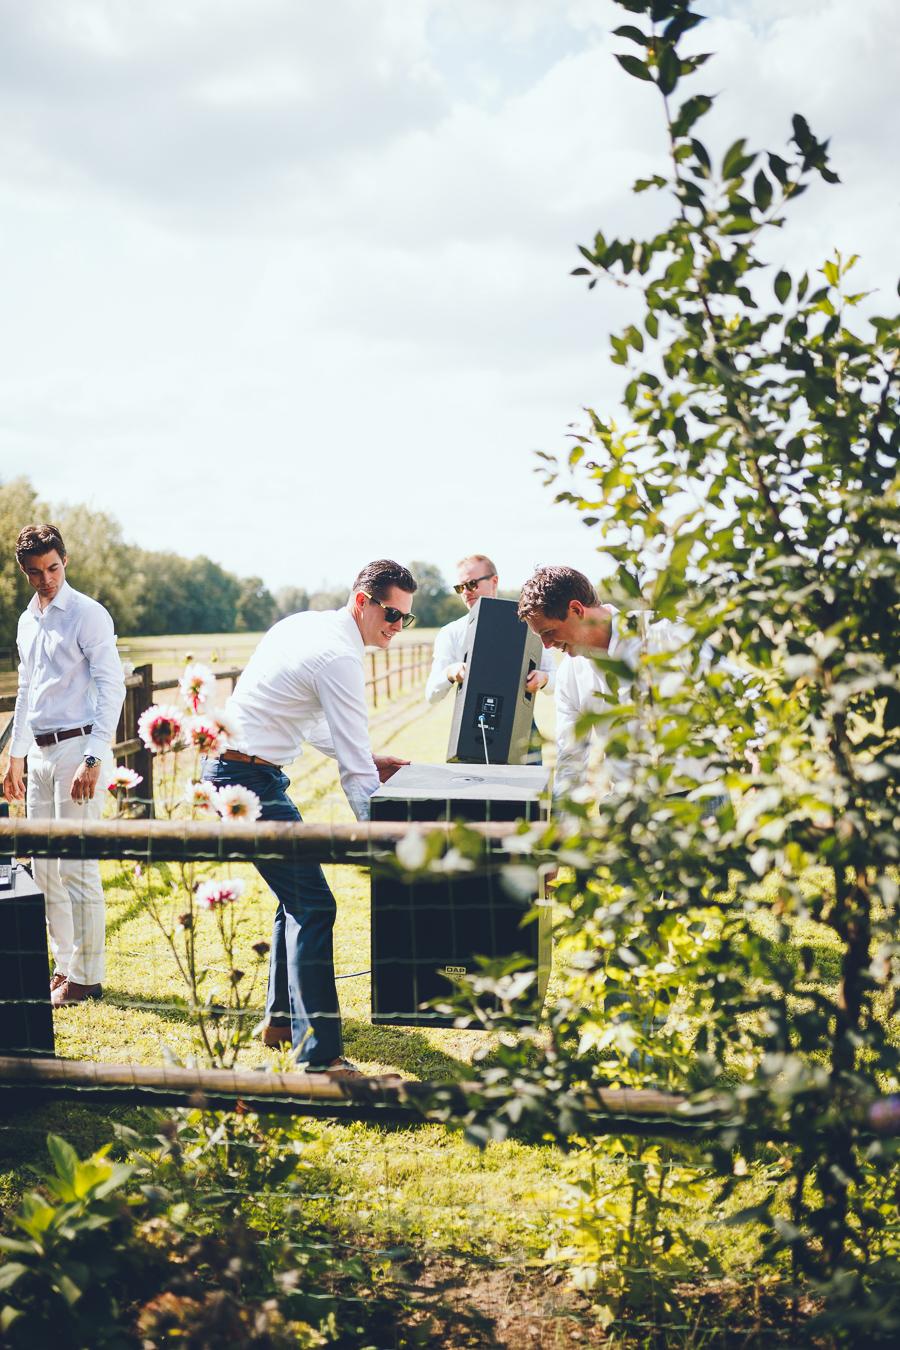 Jongemannen tillen de geluidsinstallatie van het weiland naar het borrelgedeelte .tijdens bruiloft thuis op erf van oude boerderij trouwfotograaf Apeldoorn